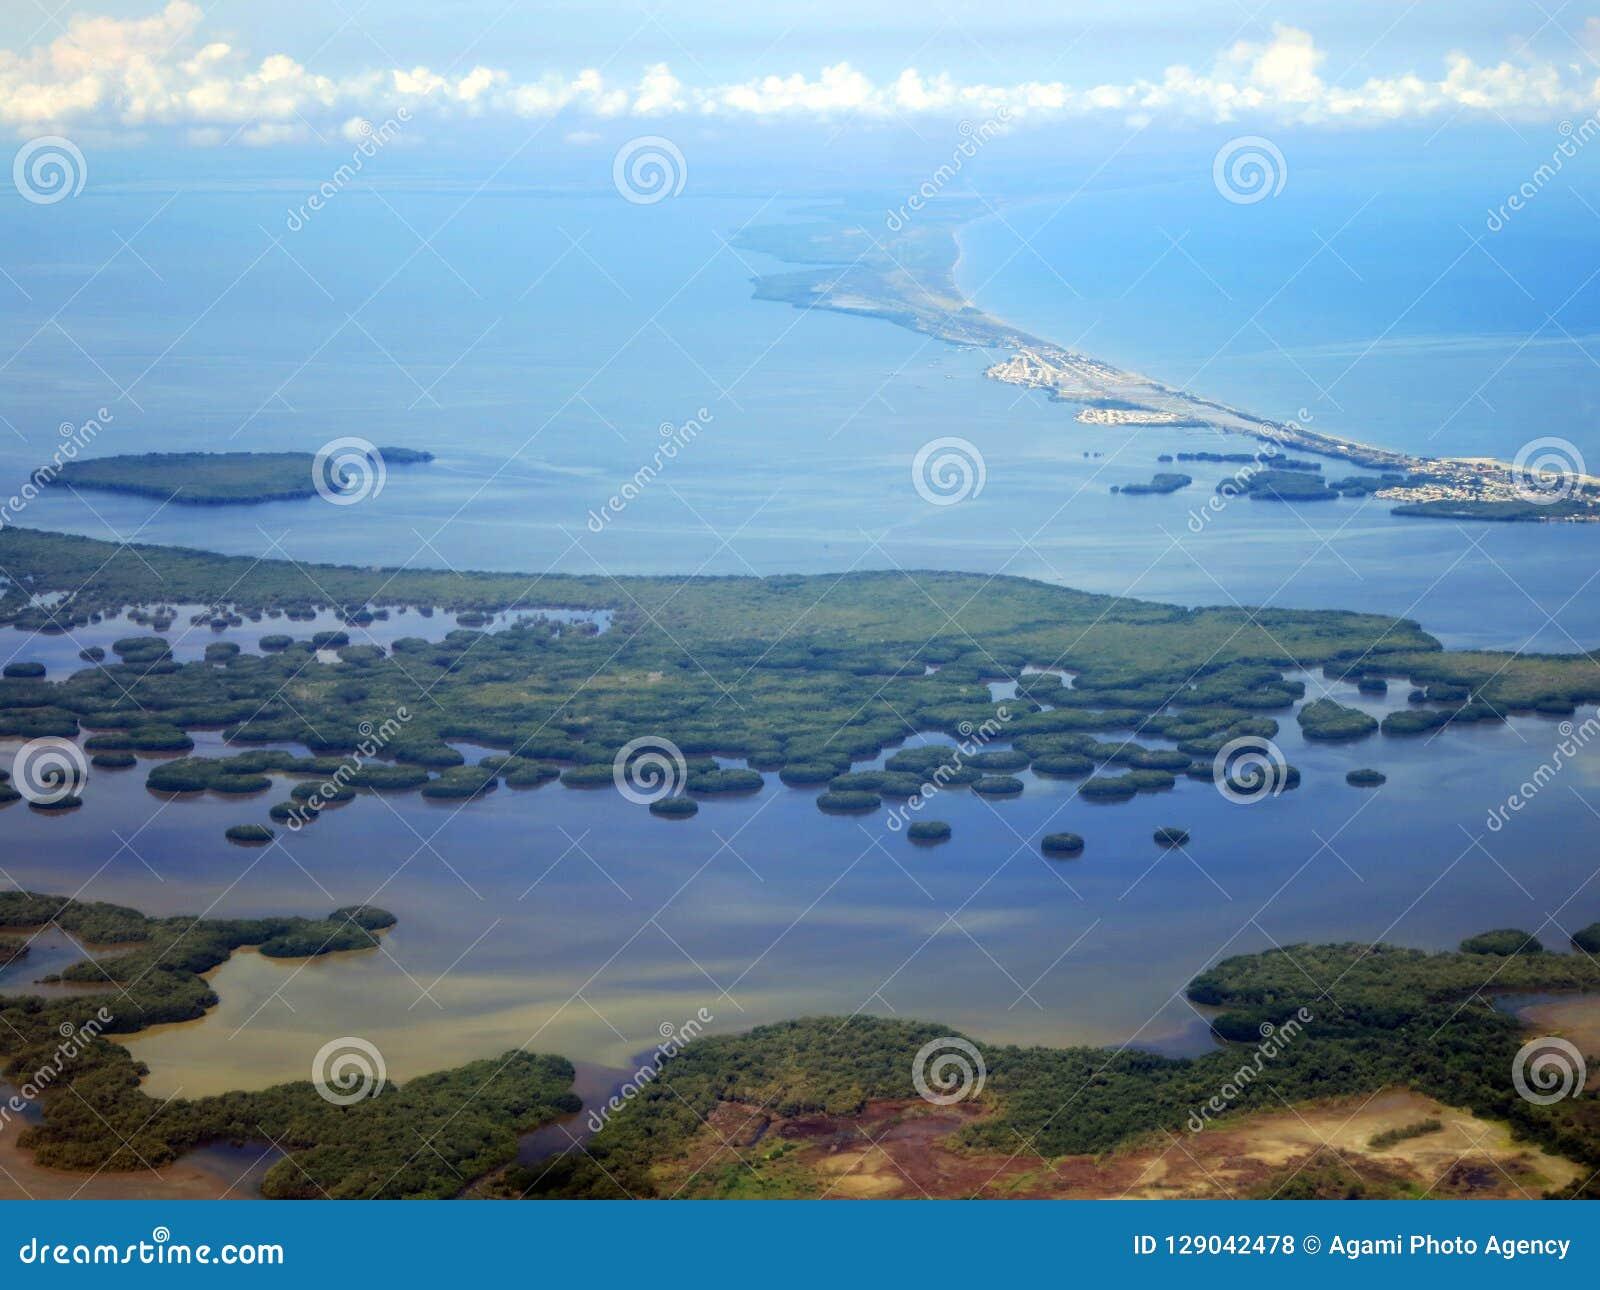 Kust di Santa Marta (Colombia) vanuit het de lucht; Coa di Santa Marta